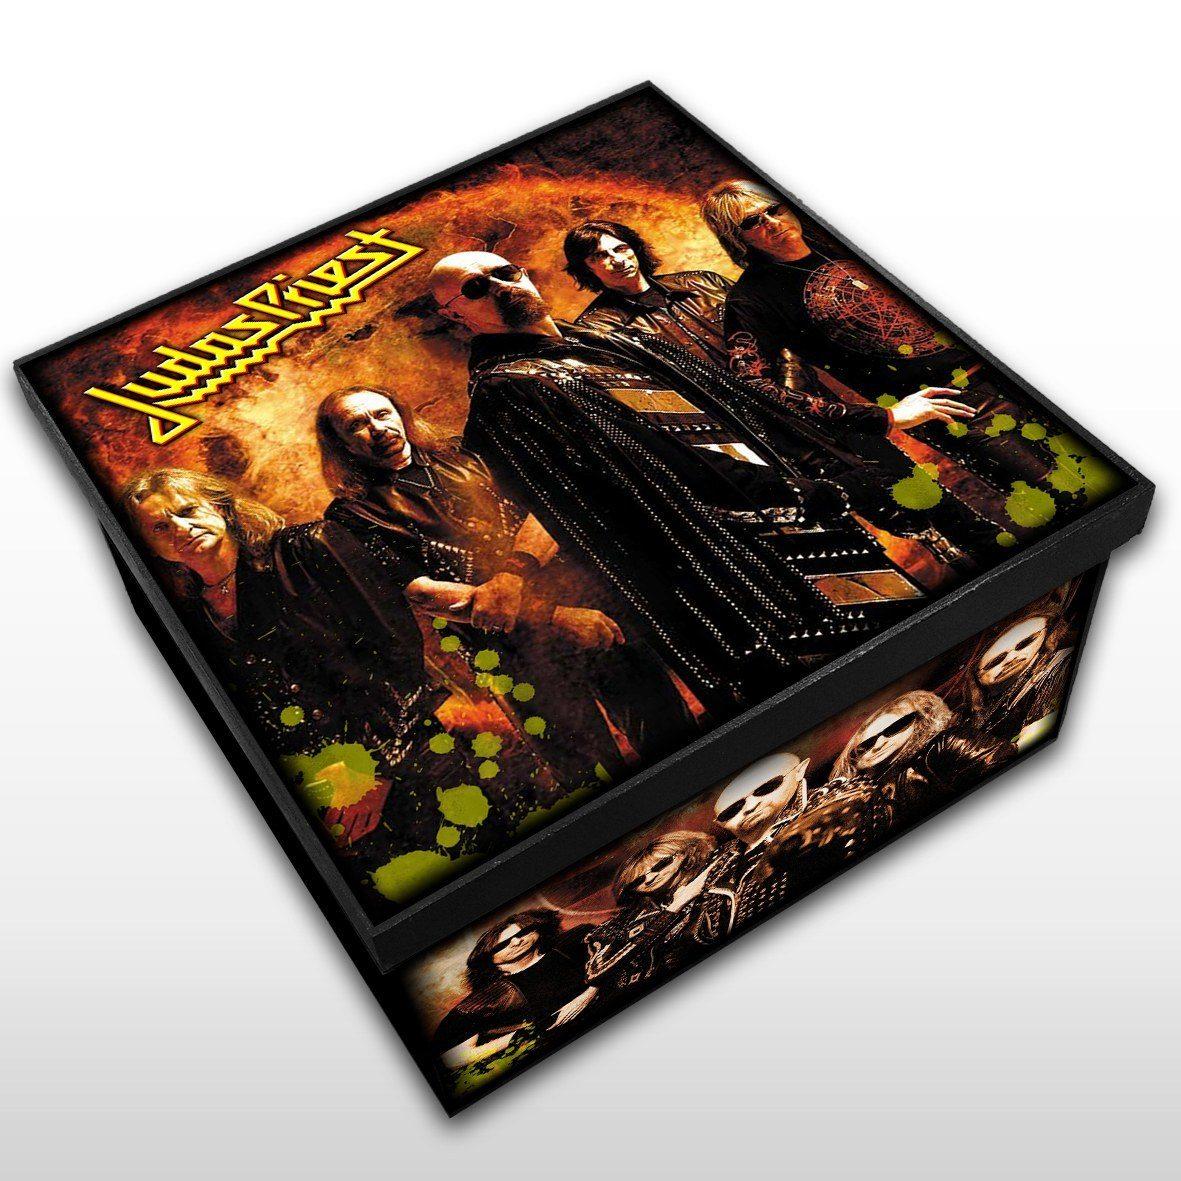 Judas Priest - Caixa em Madeira MDF - Tamanho Médio - Mr. Rock